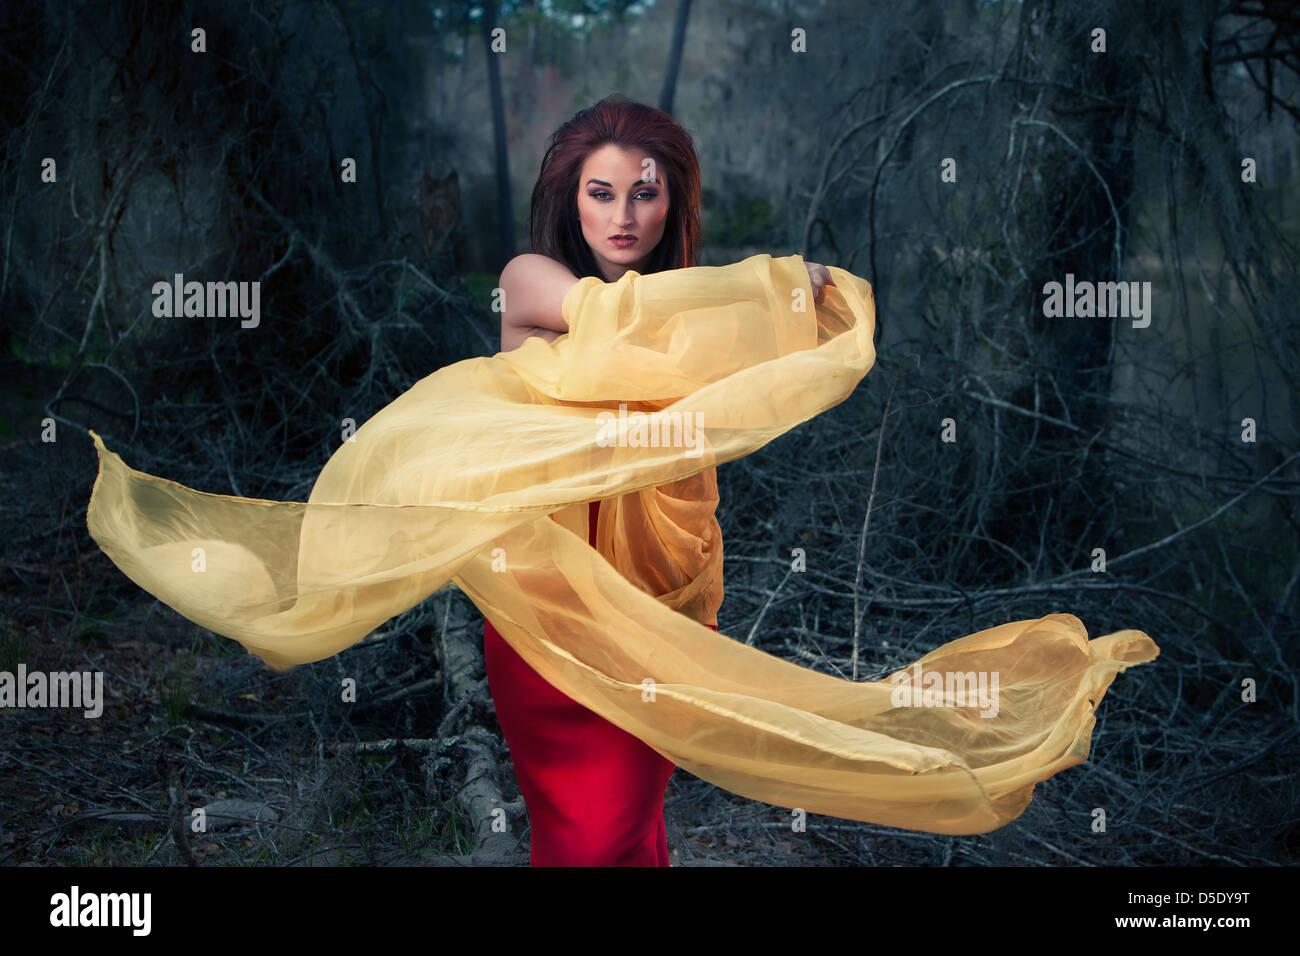 Femme chiffon jaune tourbillonnant dans les bois Photo Stock